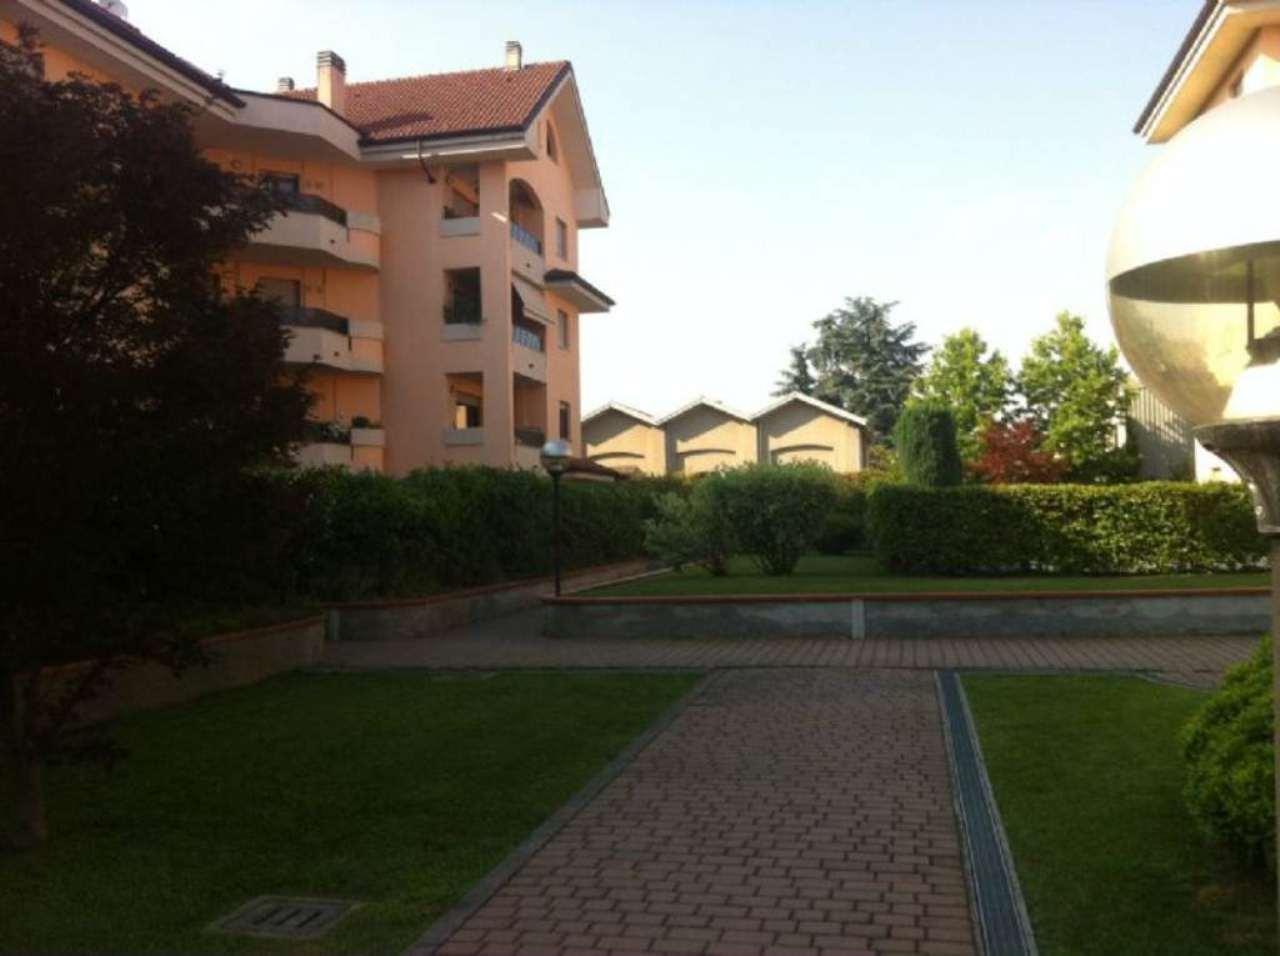 Appartamento in affitto a Melzo, 2 locali, prezzo € 700 | Cambio Casa.it